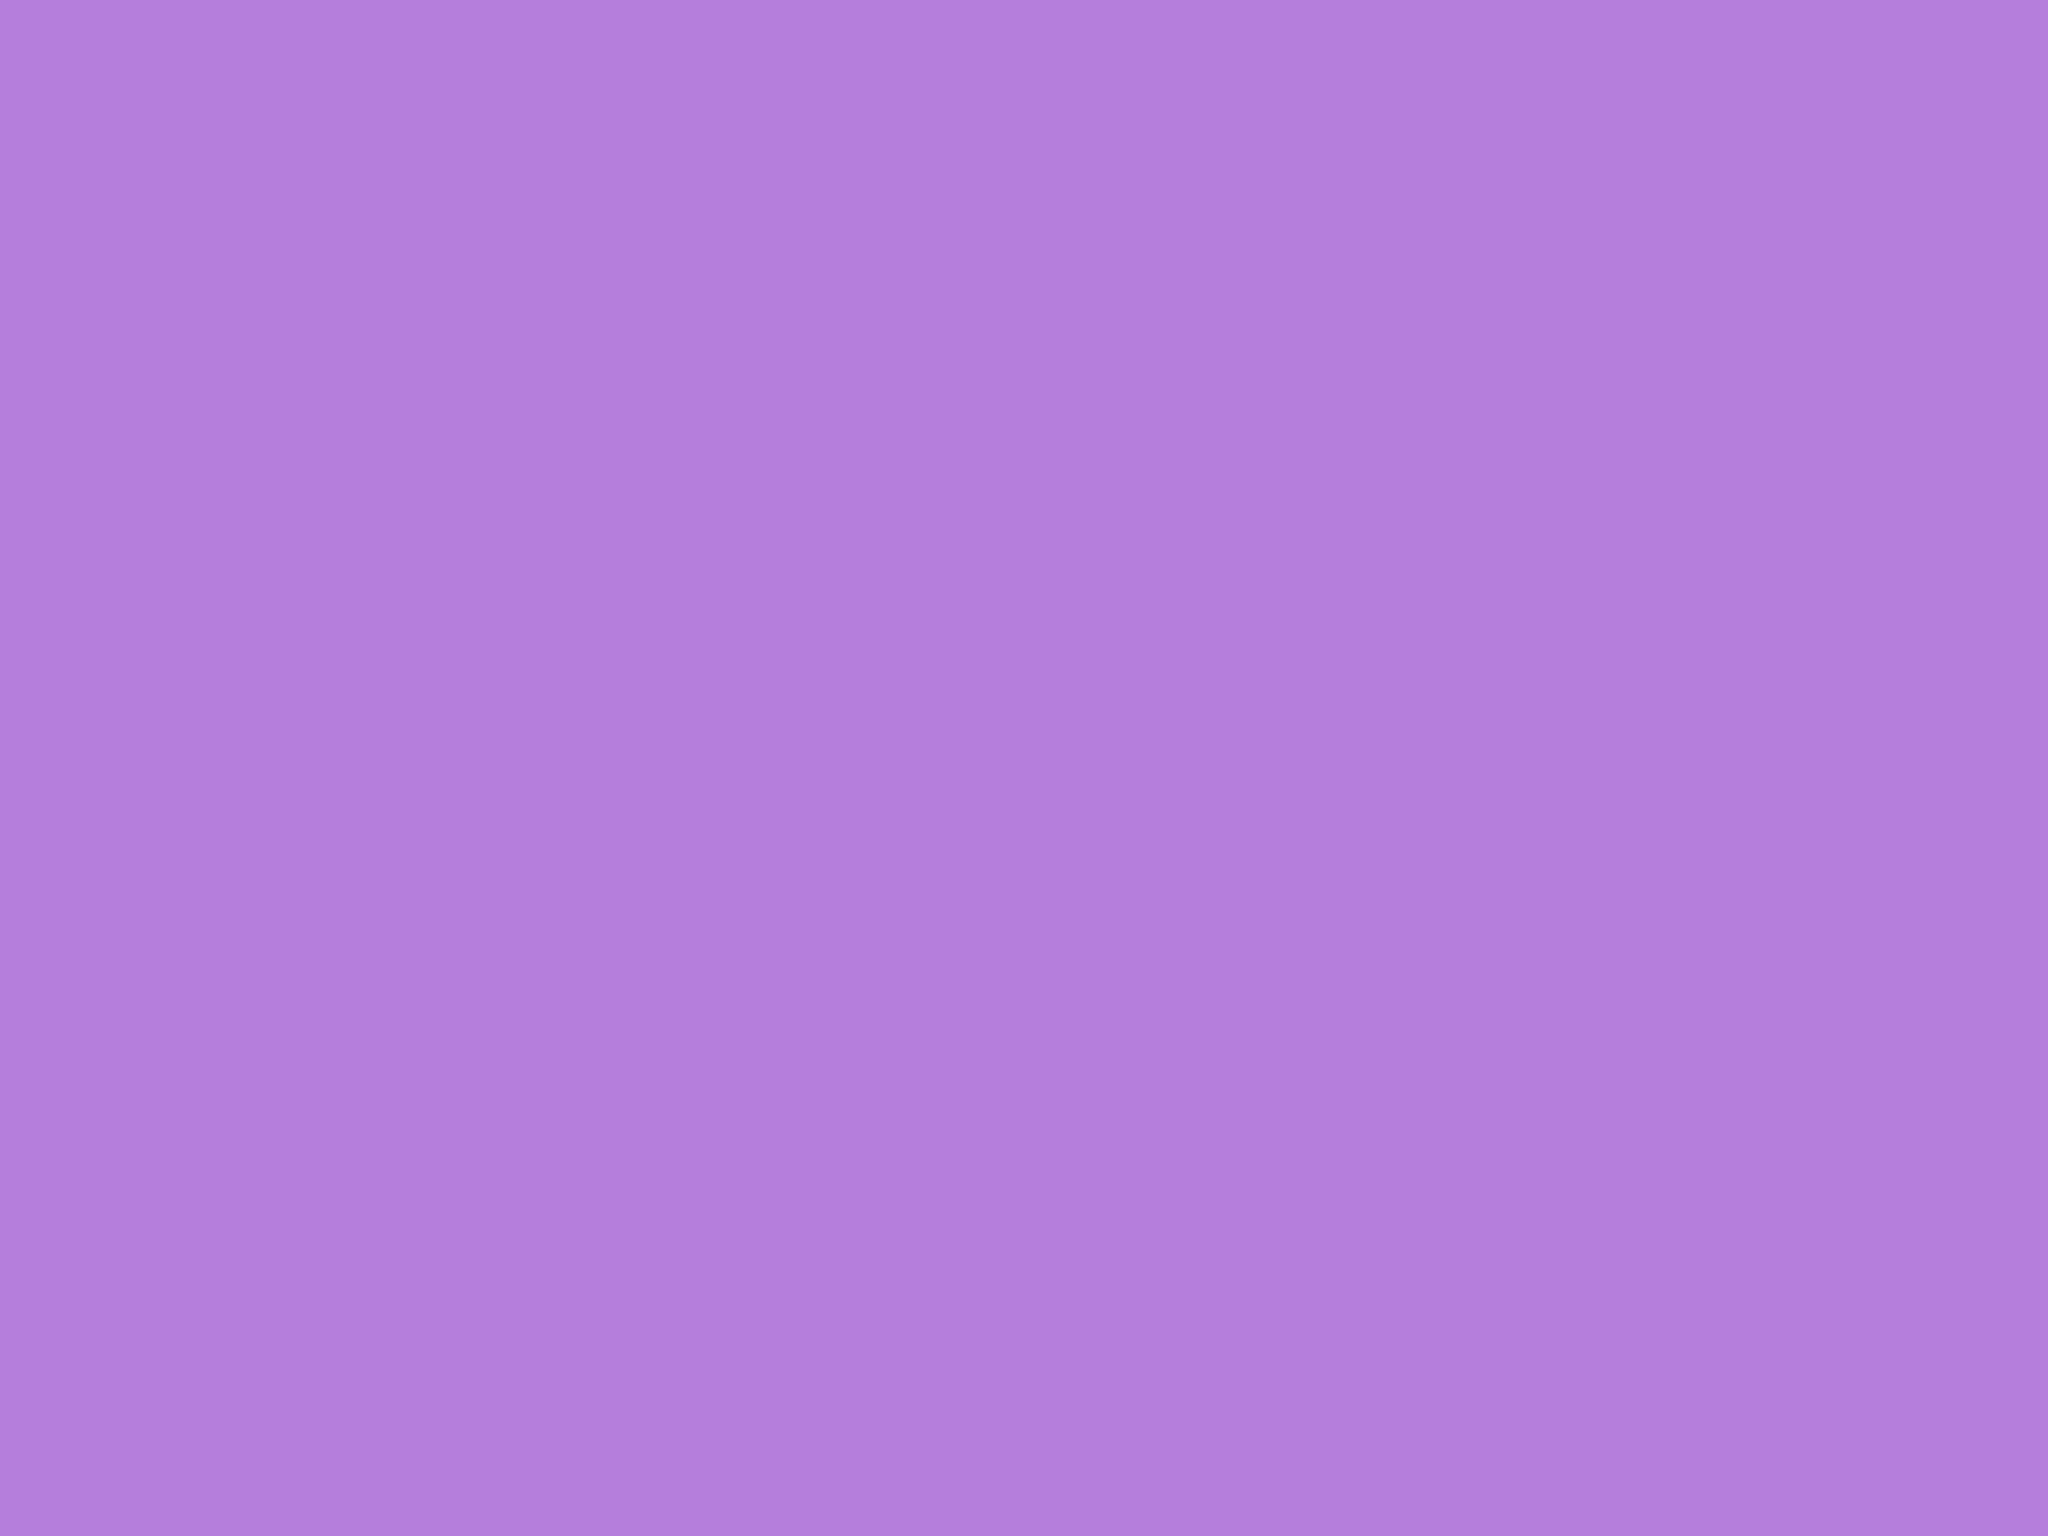 2048x1536 Lavender Floral Solid Color Background